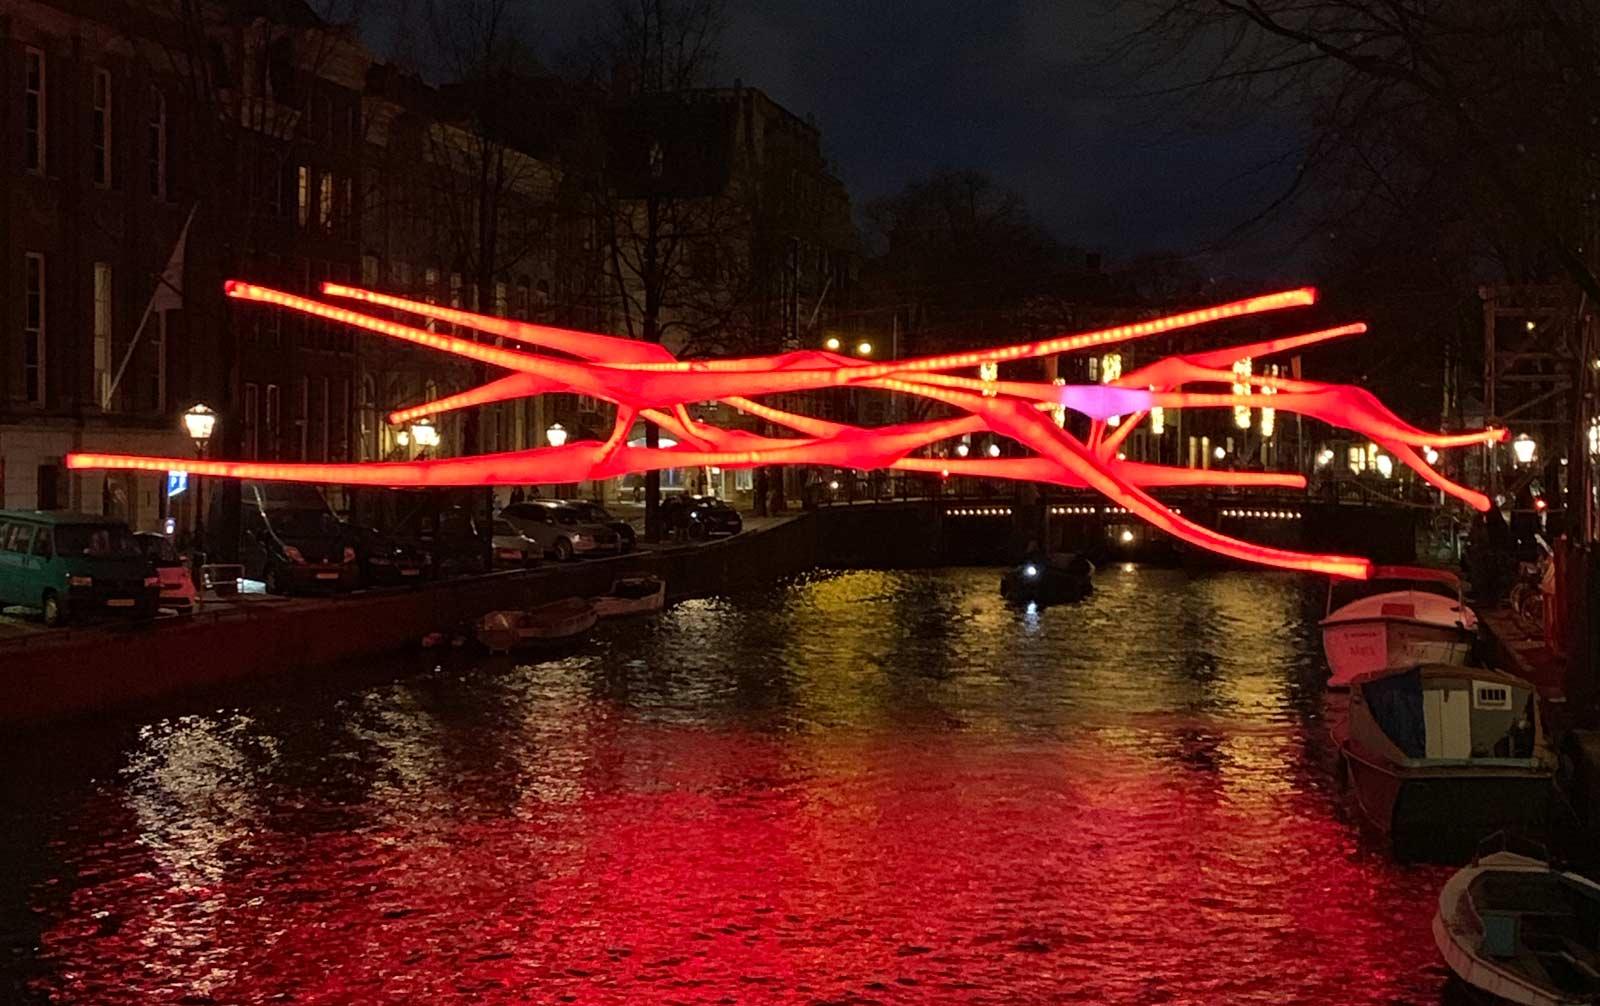 wandelroute-amsterdam-light-festival-1600